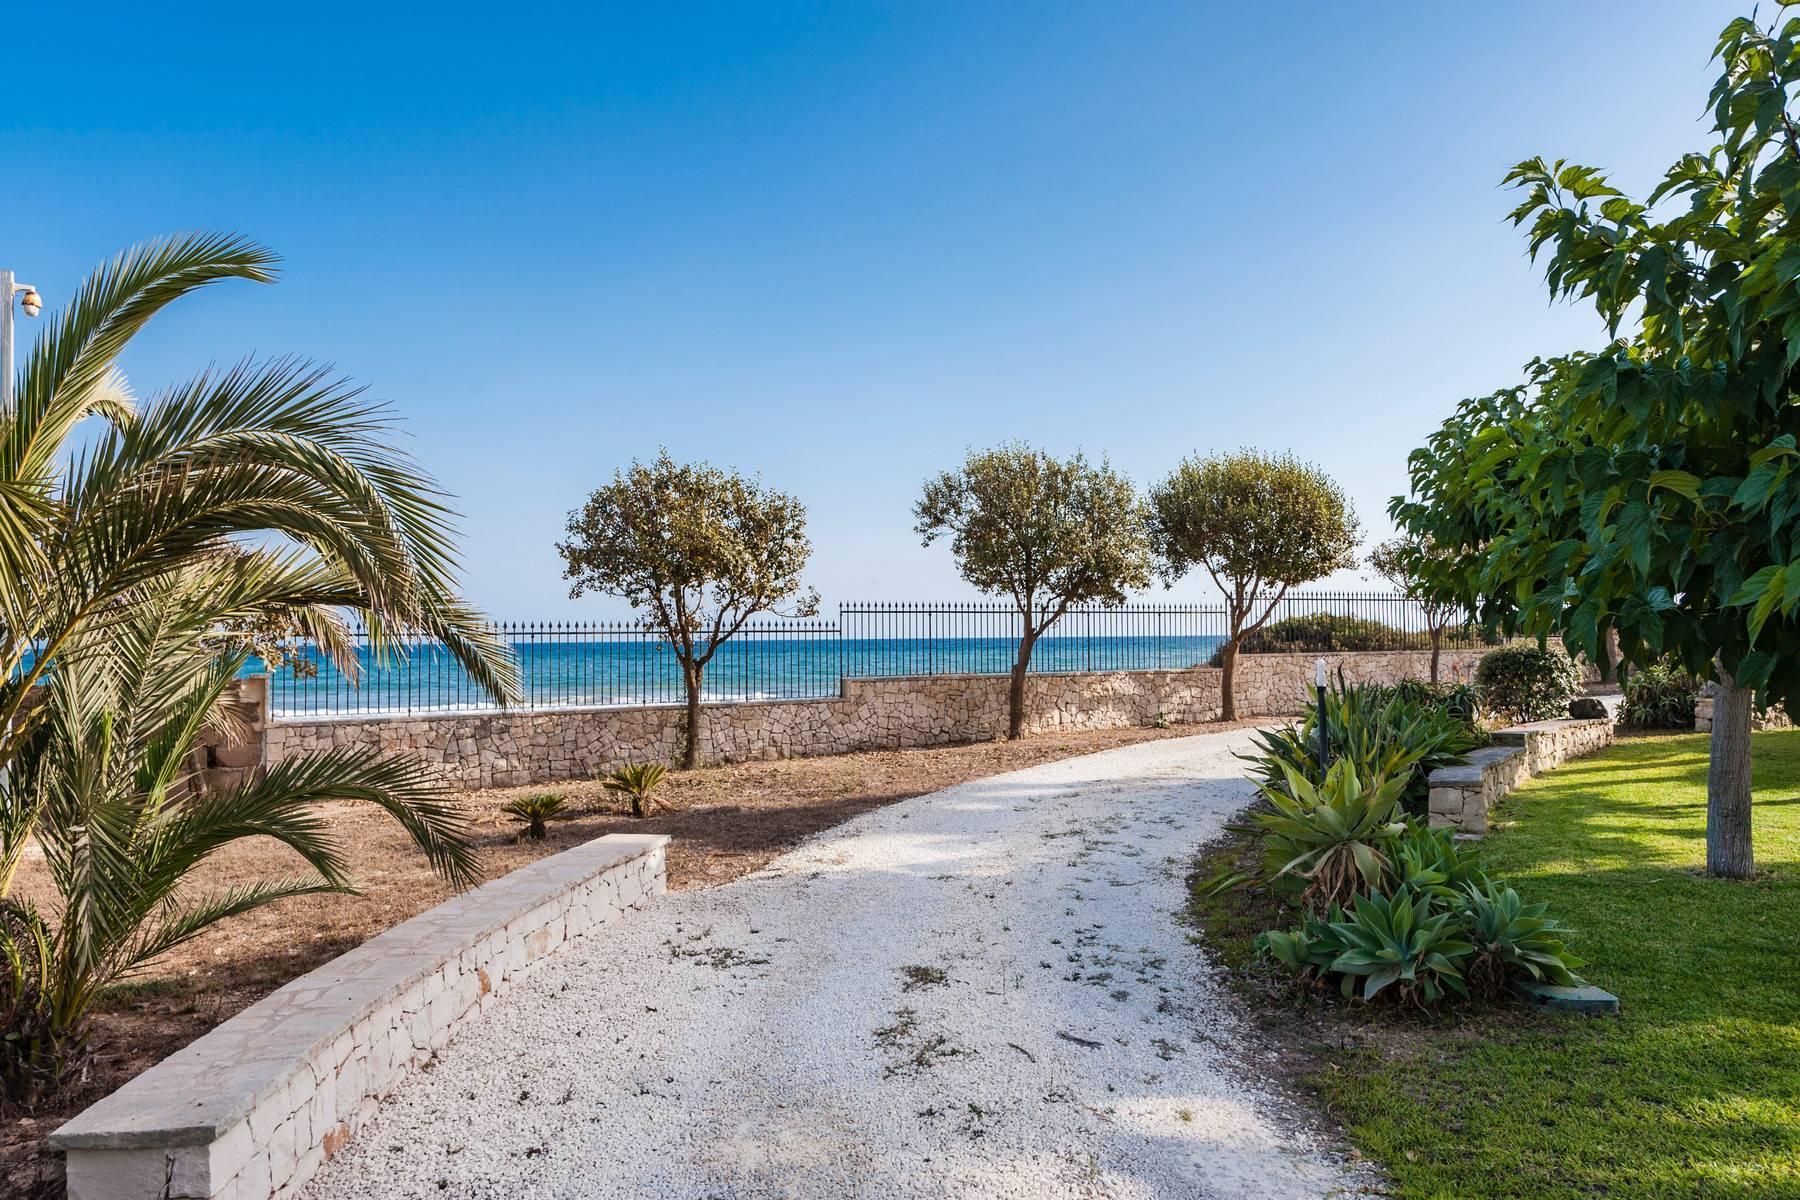 Exklusive Villa am Meer mit eigenem Zugang zum Strand - 4